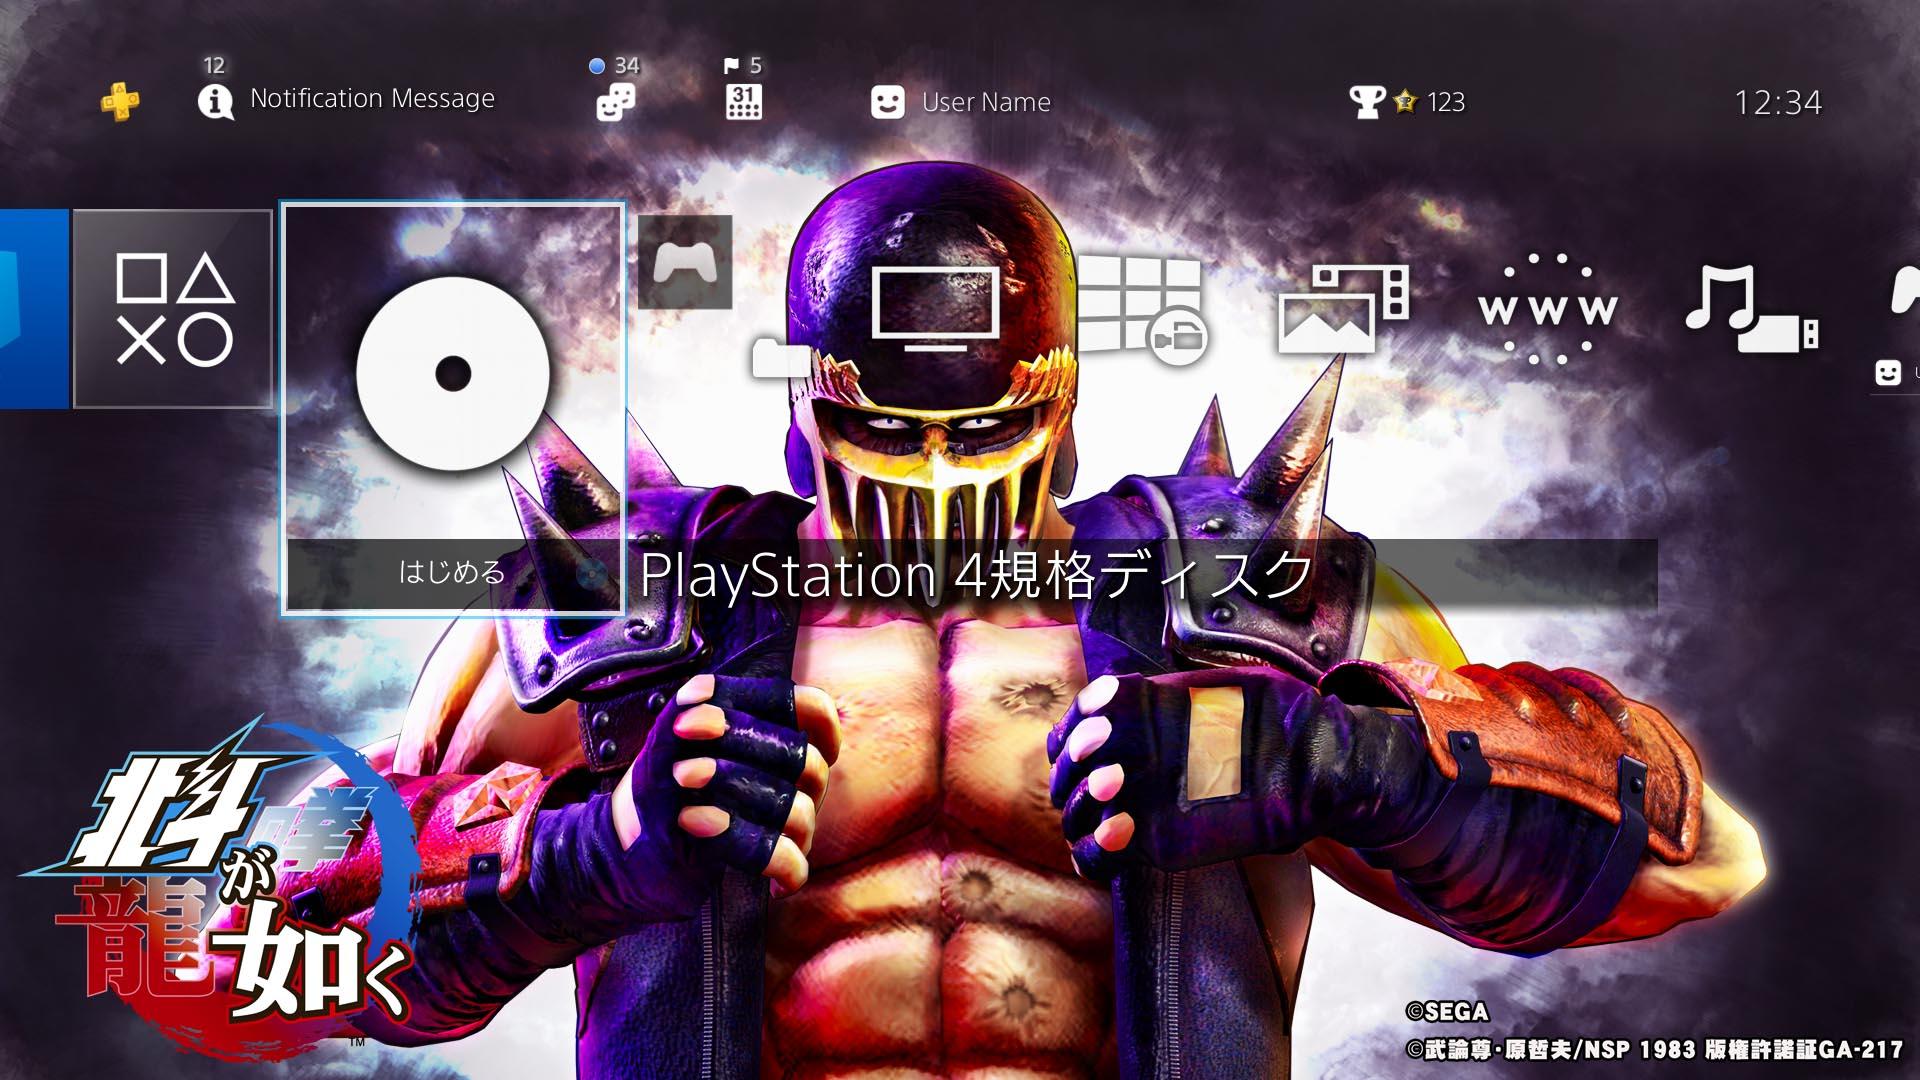 北斗が如く PS4®用テーマ「ジャギ」 | 公式PlayStation™Store 日本